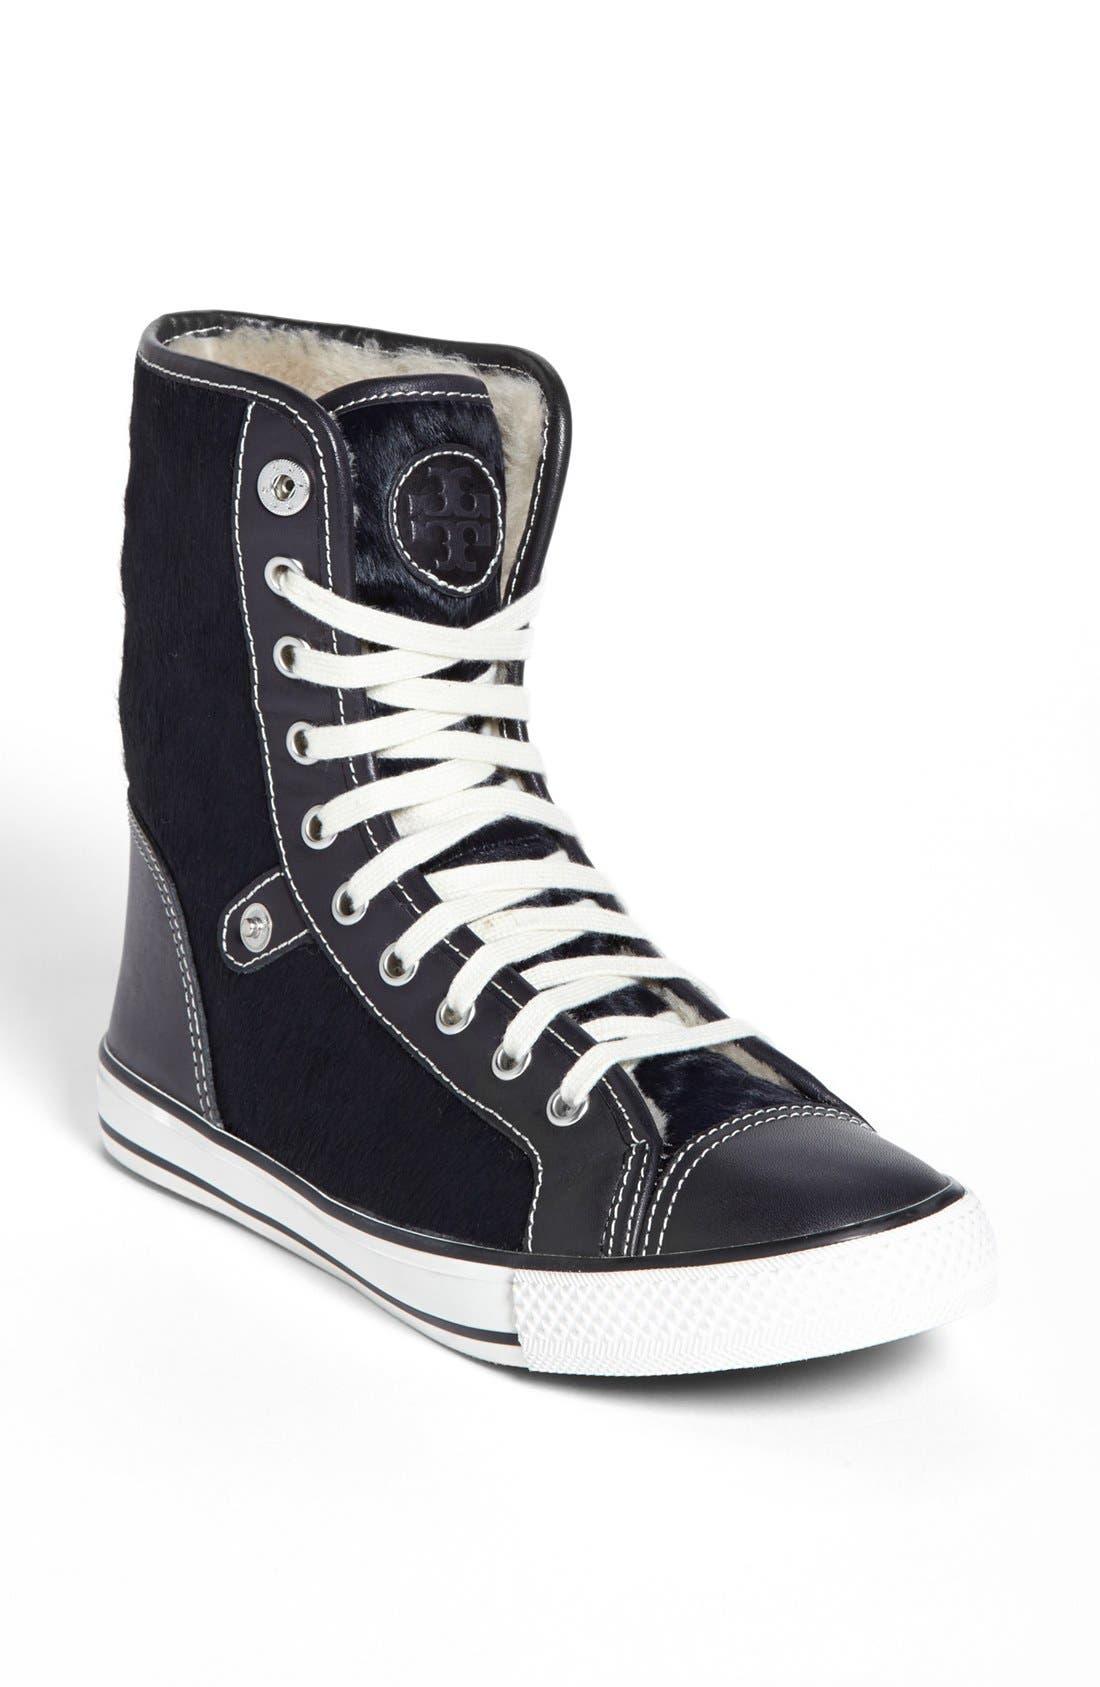 Main Image - Tory Burch 'Benjamin' High Top Sneaker